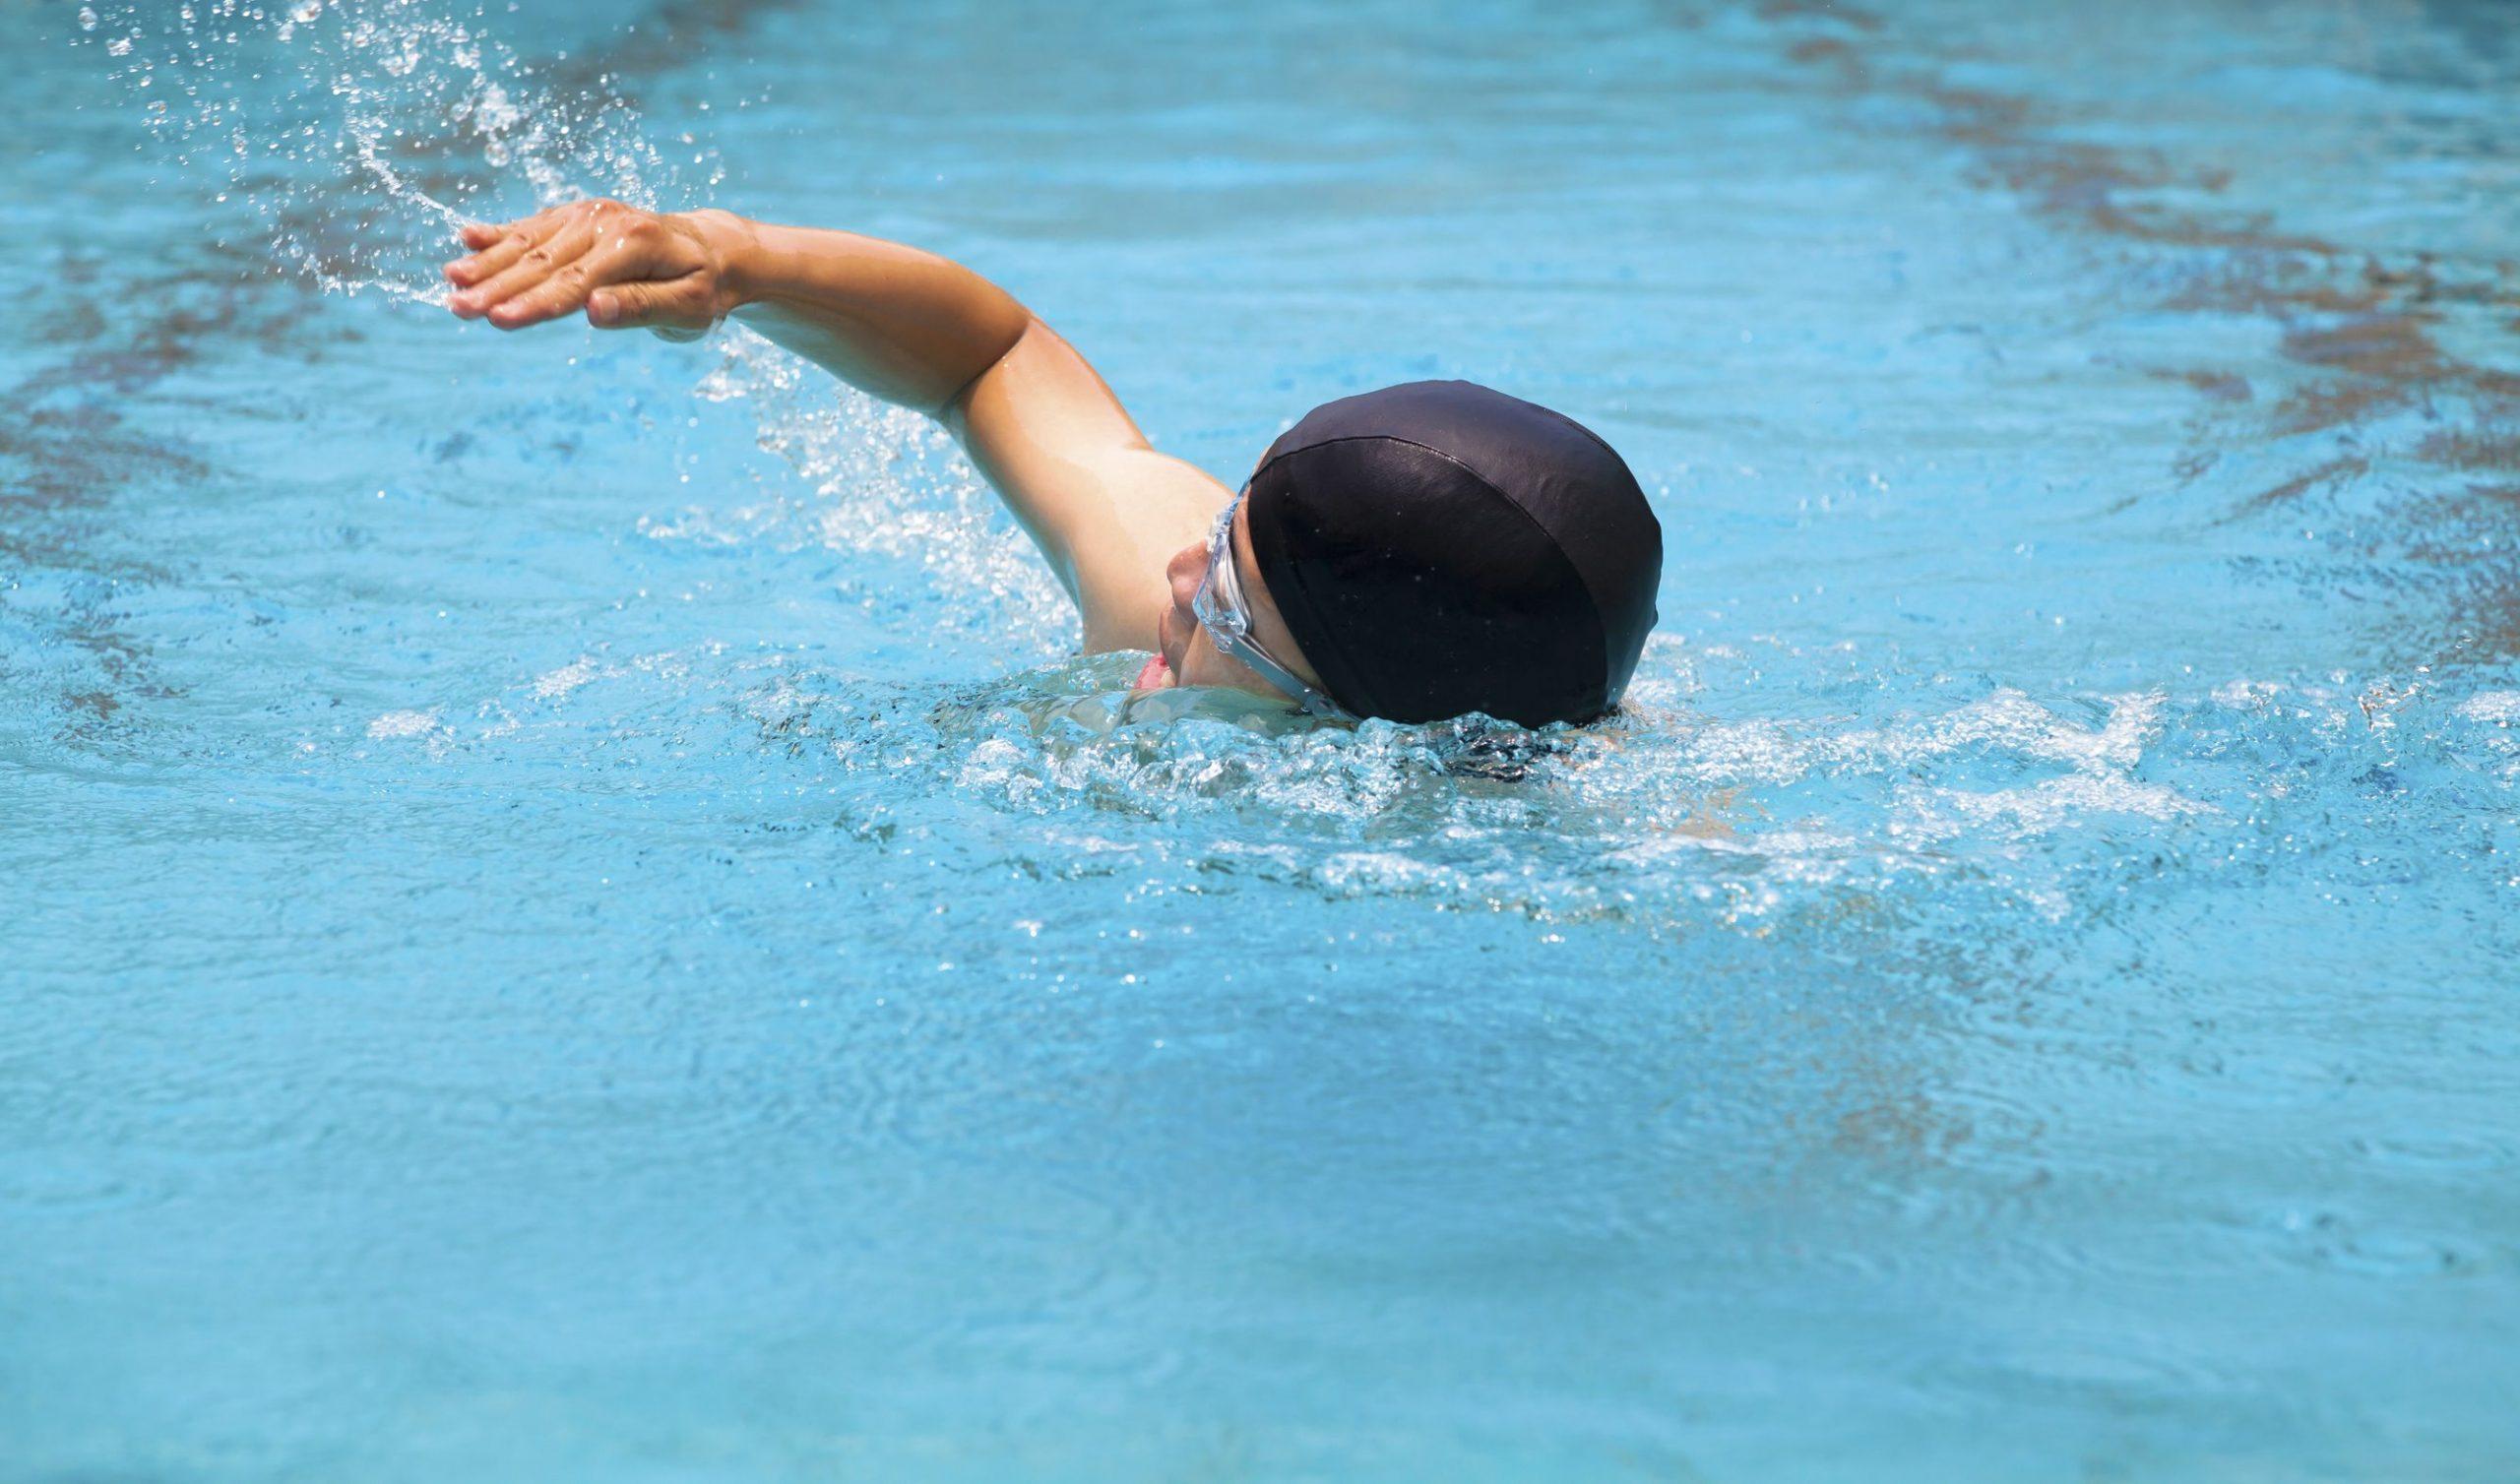 Miglior cuffia da nuoto 2021: Guida all'acquisto